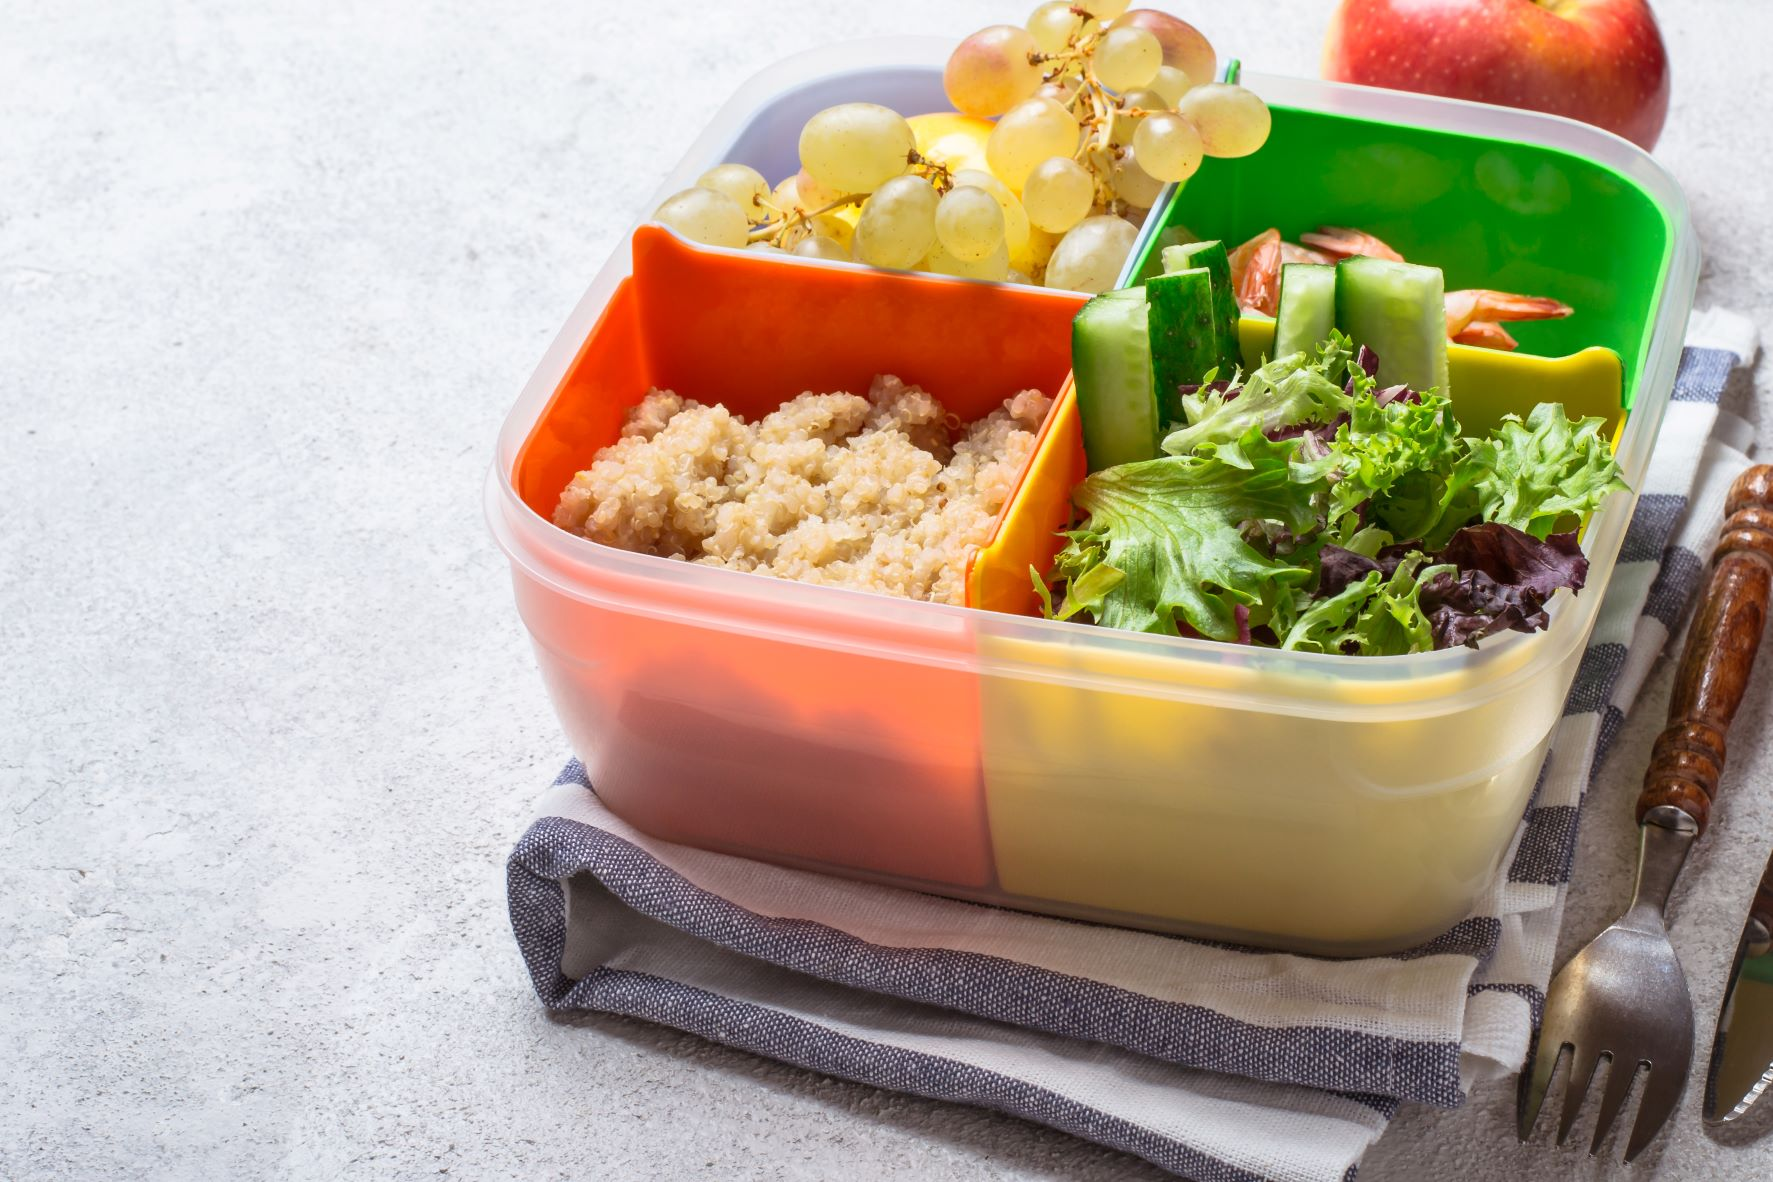 Das Bild zeigt eine gefüllte Essensbox mit Salat, Weintrauben und anderen Beilagen.